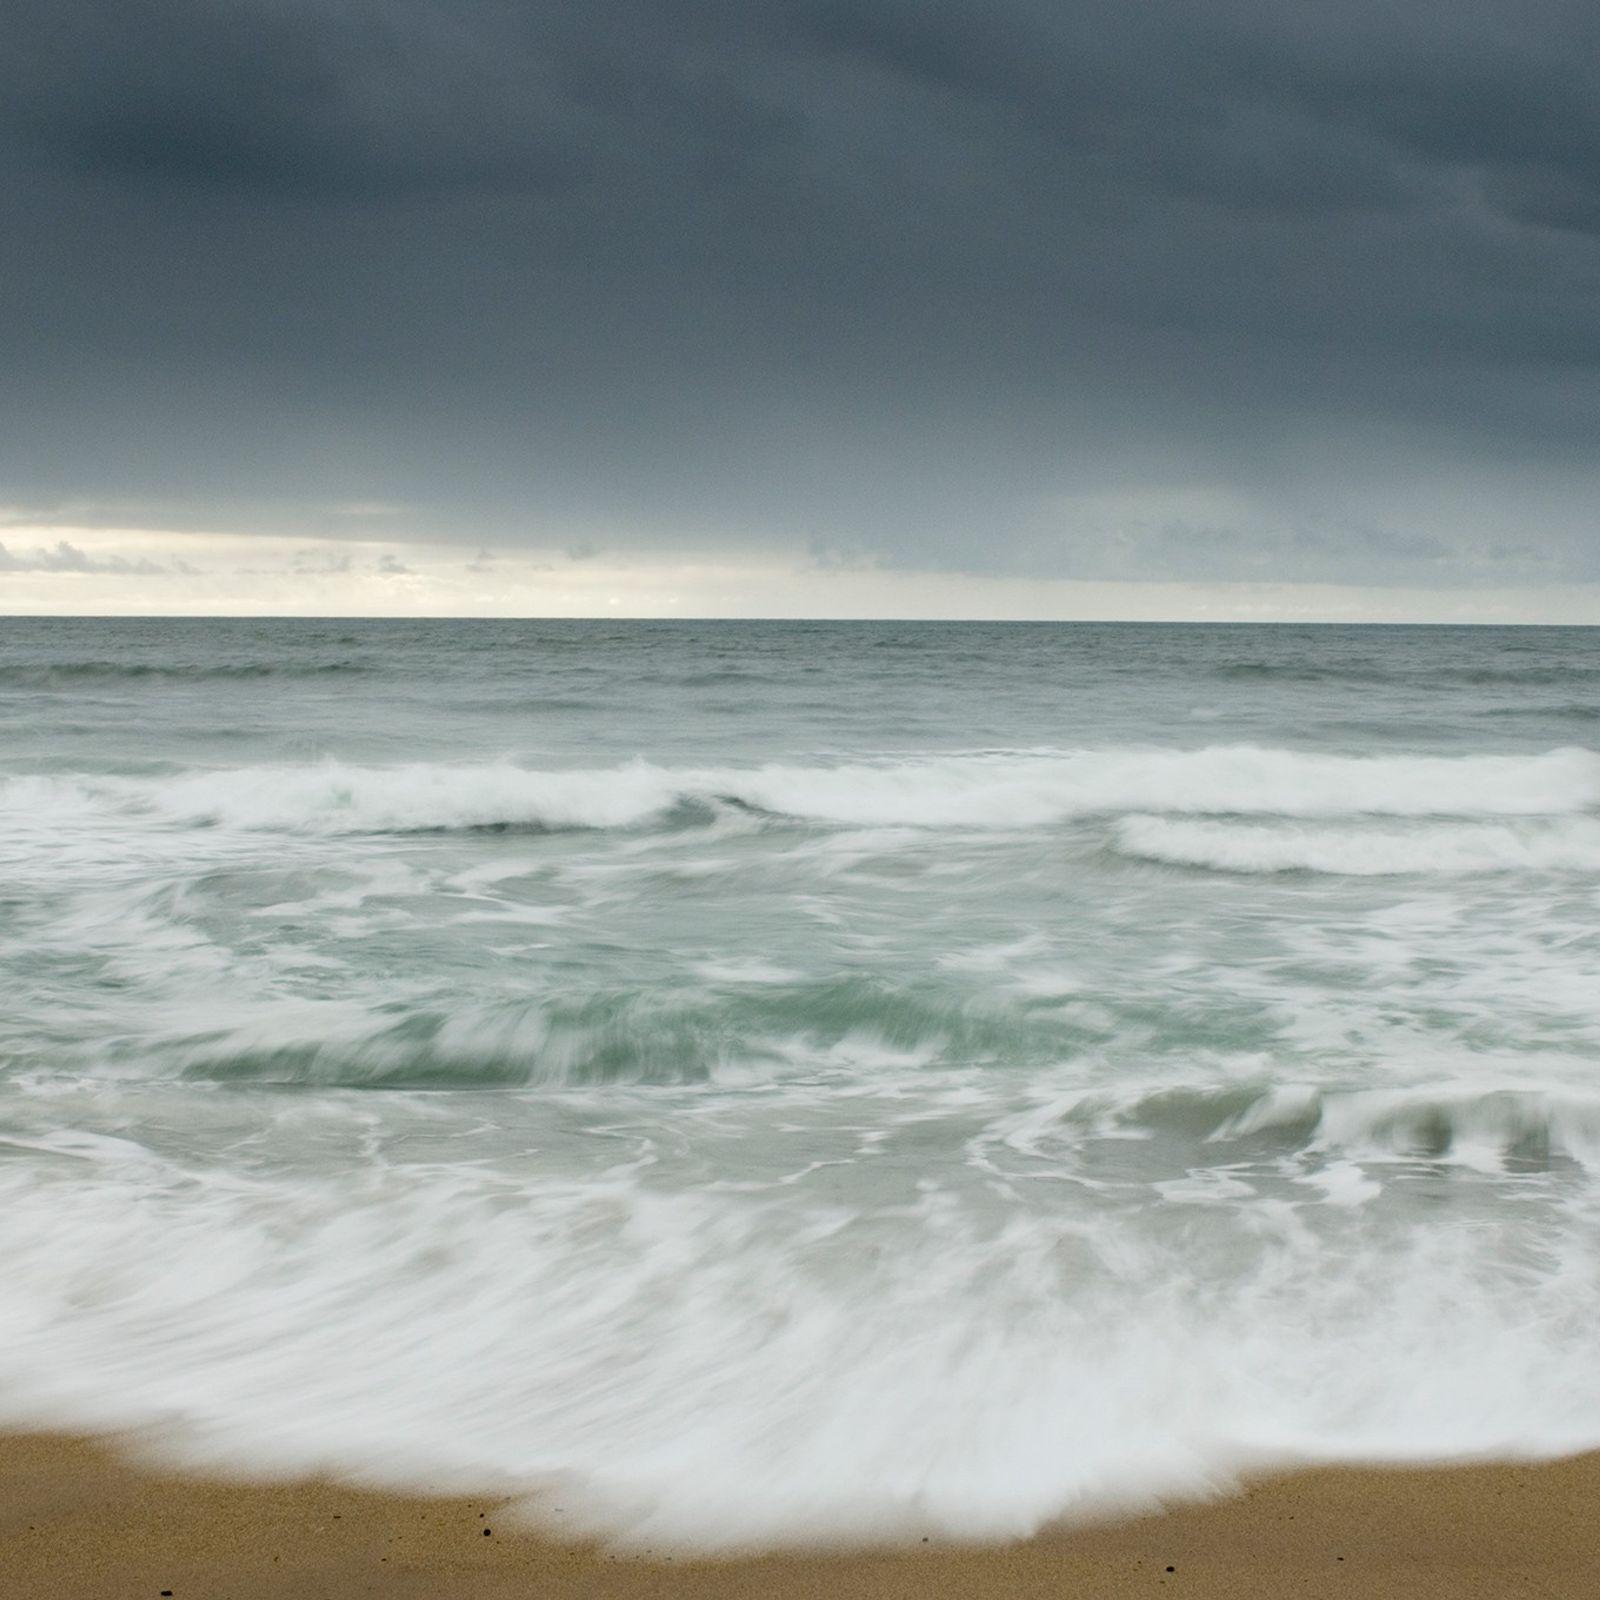 O recém-descoberto sistema de falhas tectônicas localiza-se na Baía de Monterey, no litoral da Califórnia, Estados ...